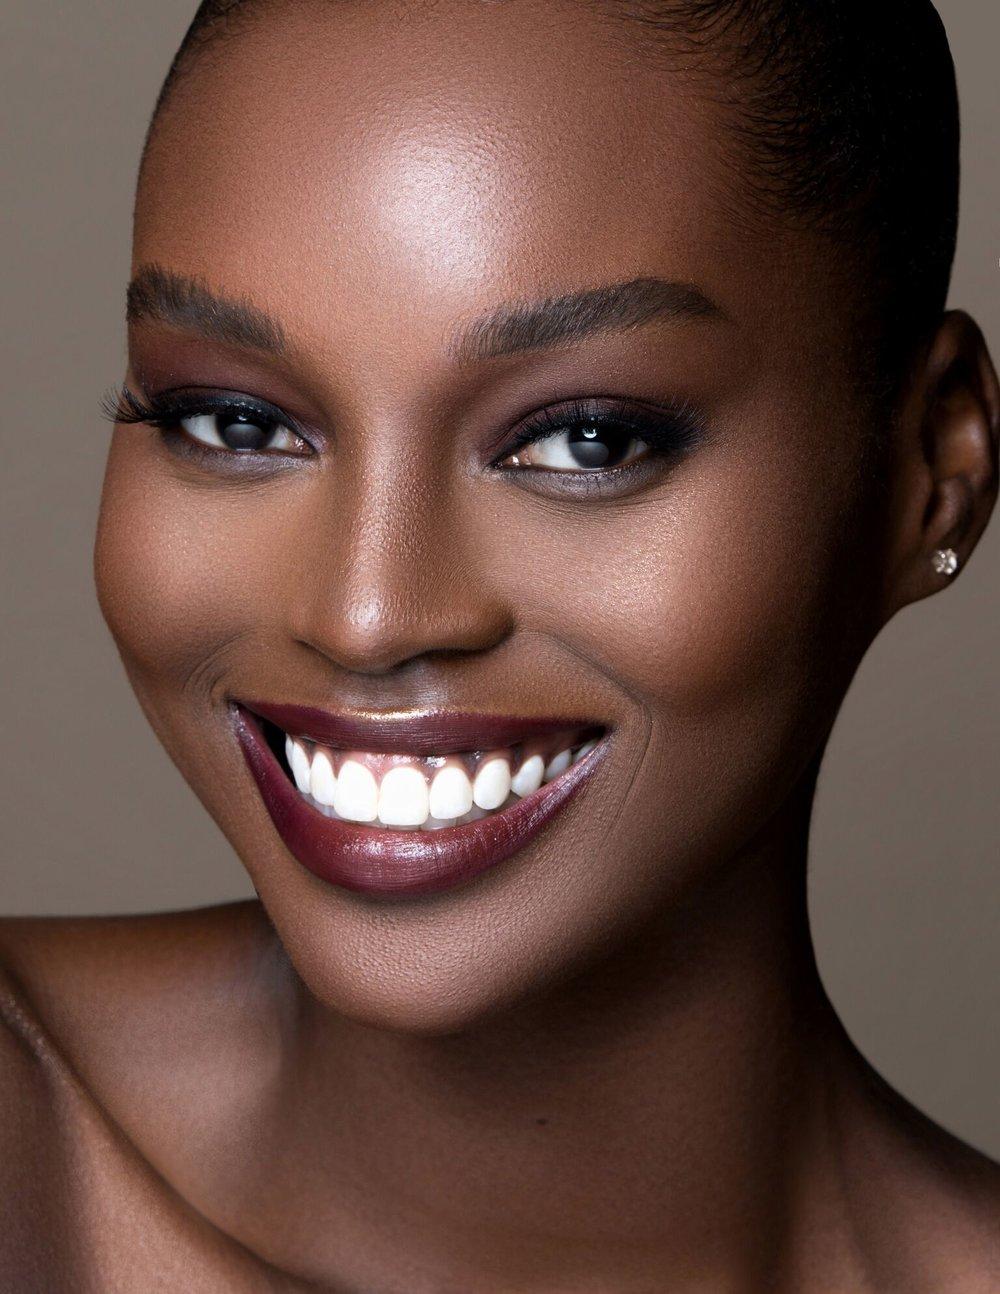 LaPorschia W. | Model + Actress